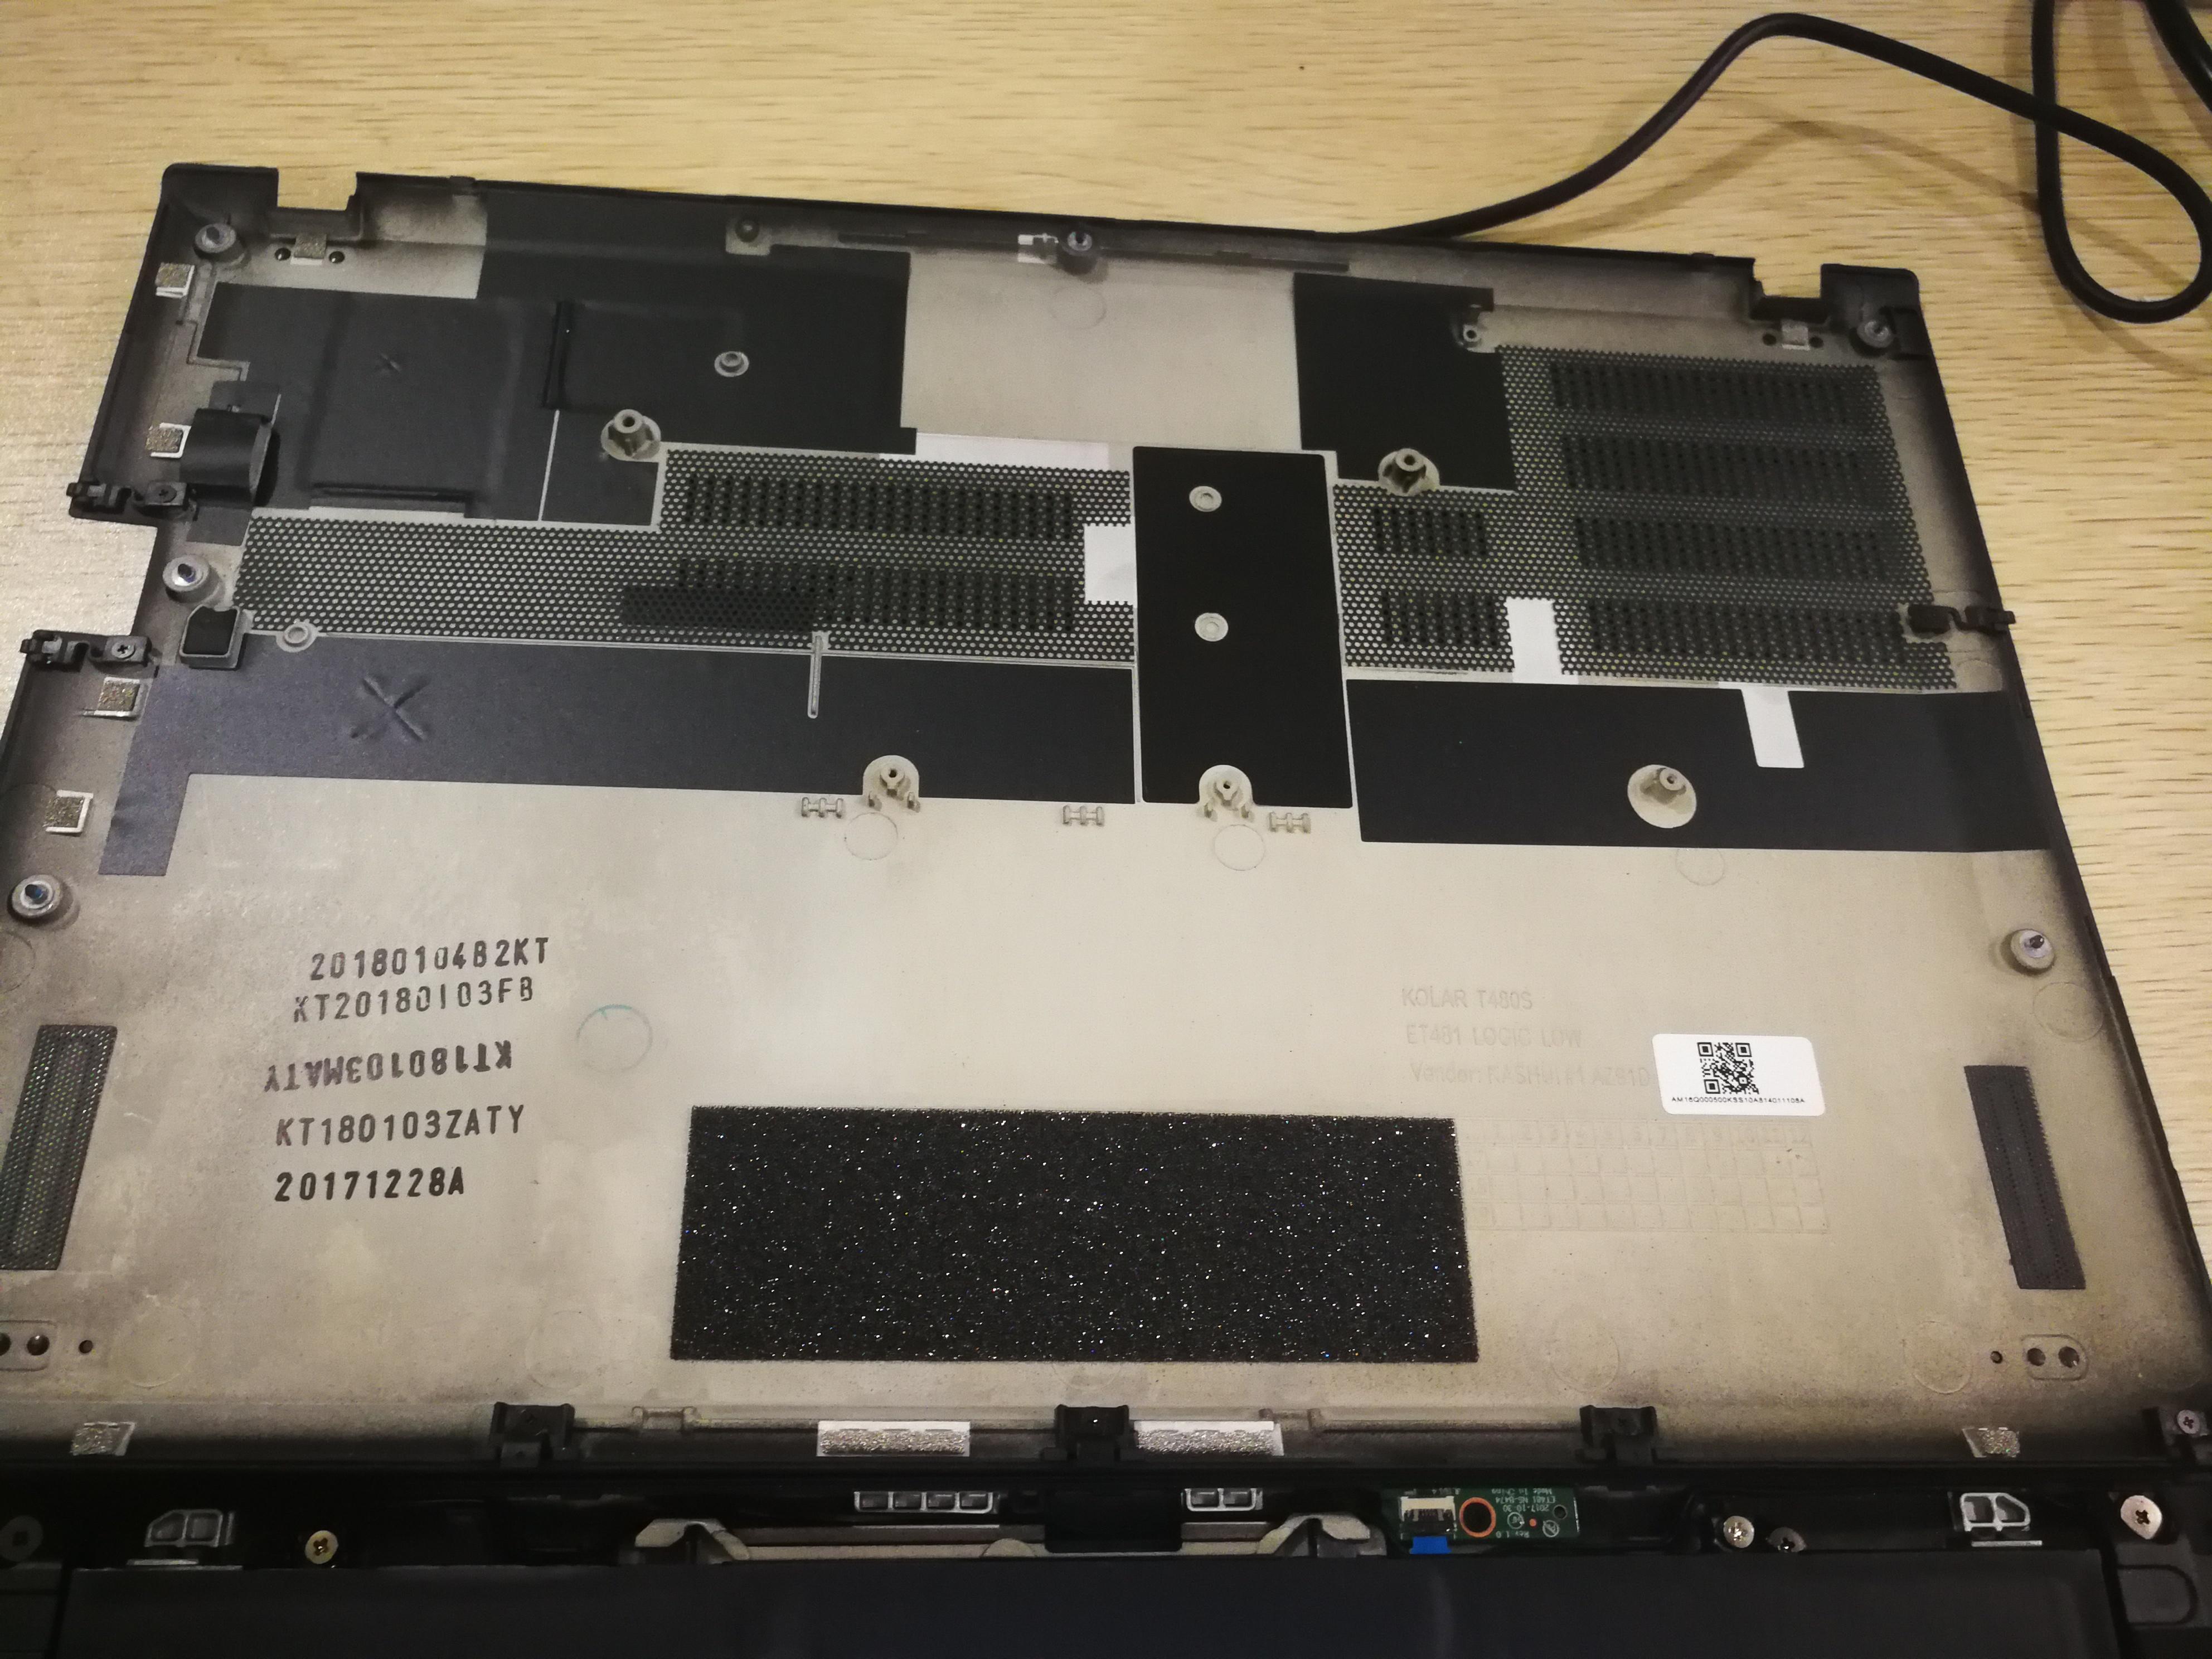 Lenovo ThinkPad T480s Disassembly (SSD, RAM Upgrade Options